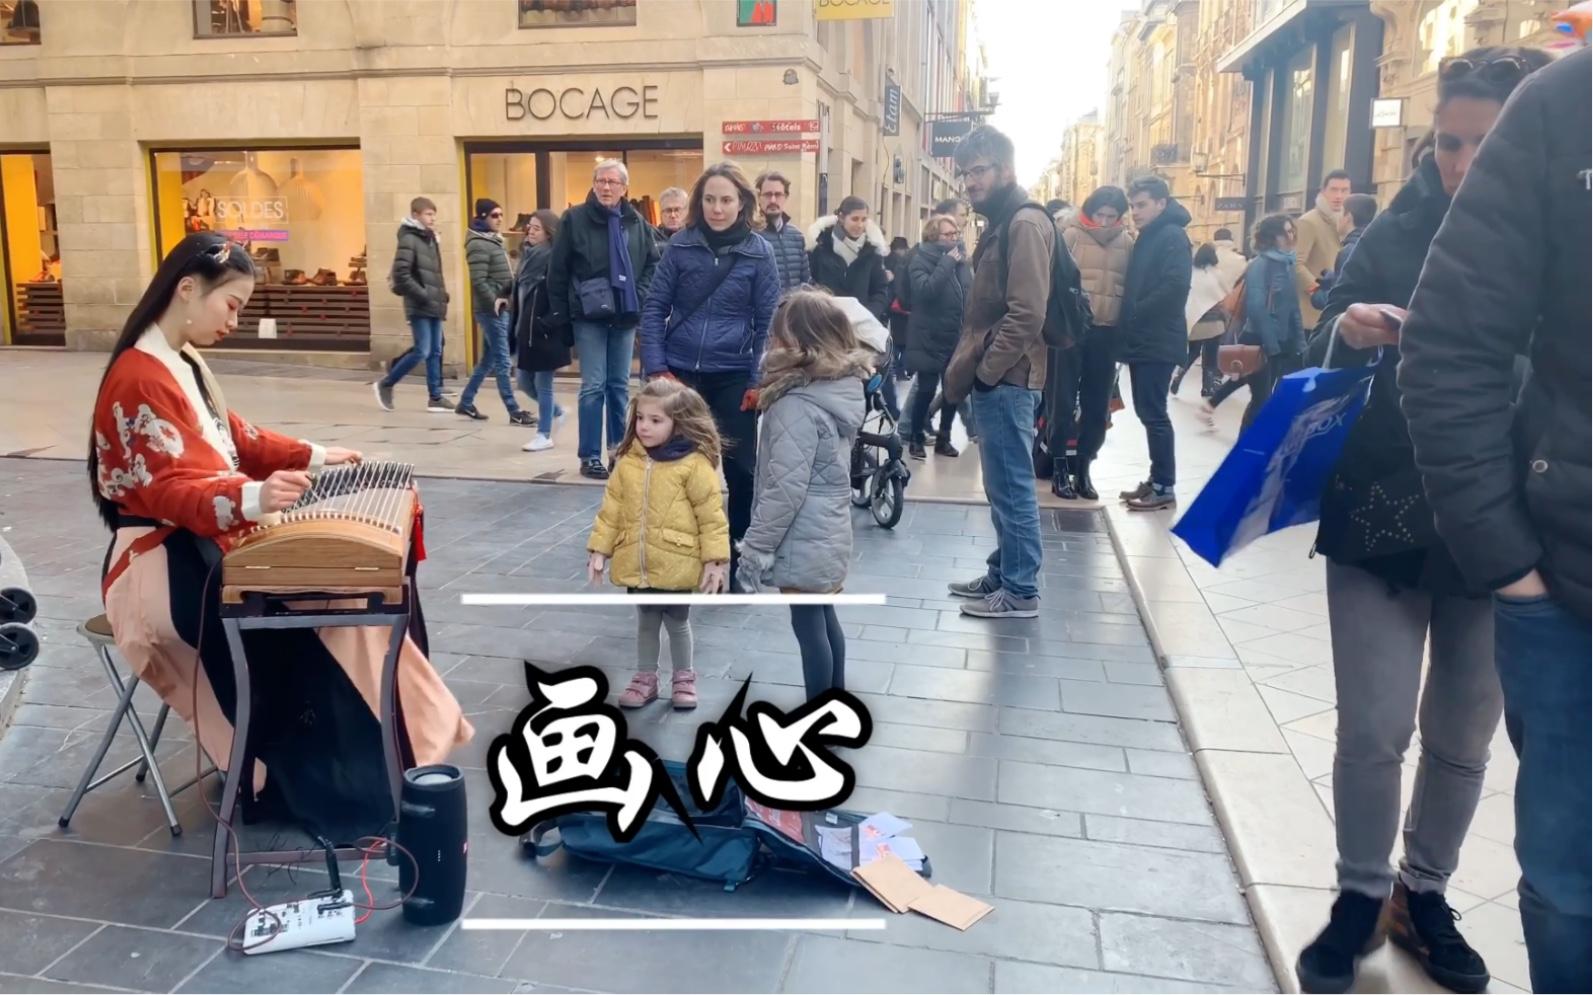 法国街头版【画心】看不穿 是你失落的魂魄猜不透 是你瞳孔的颜色